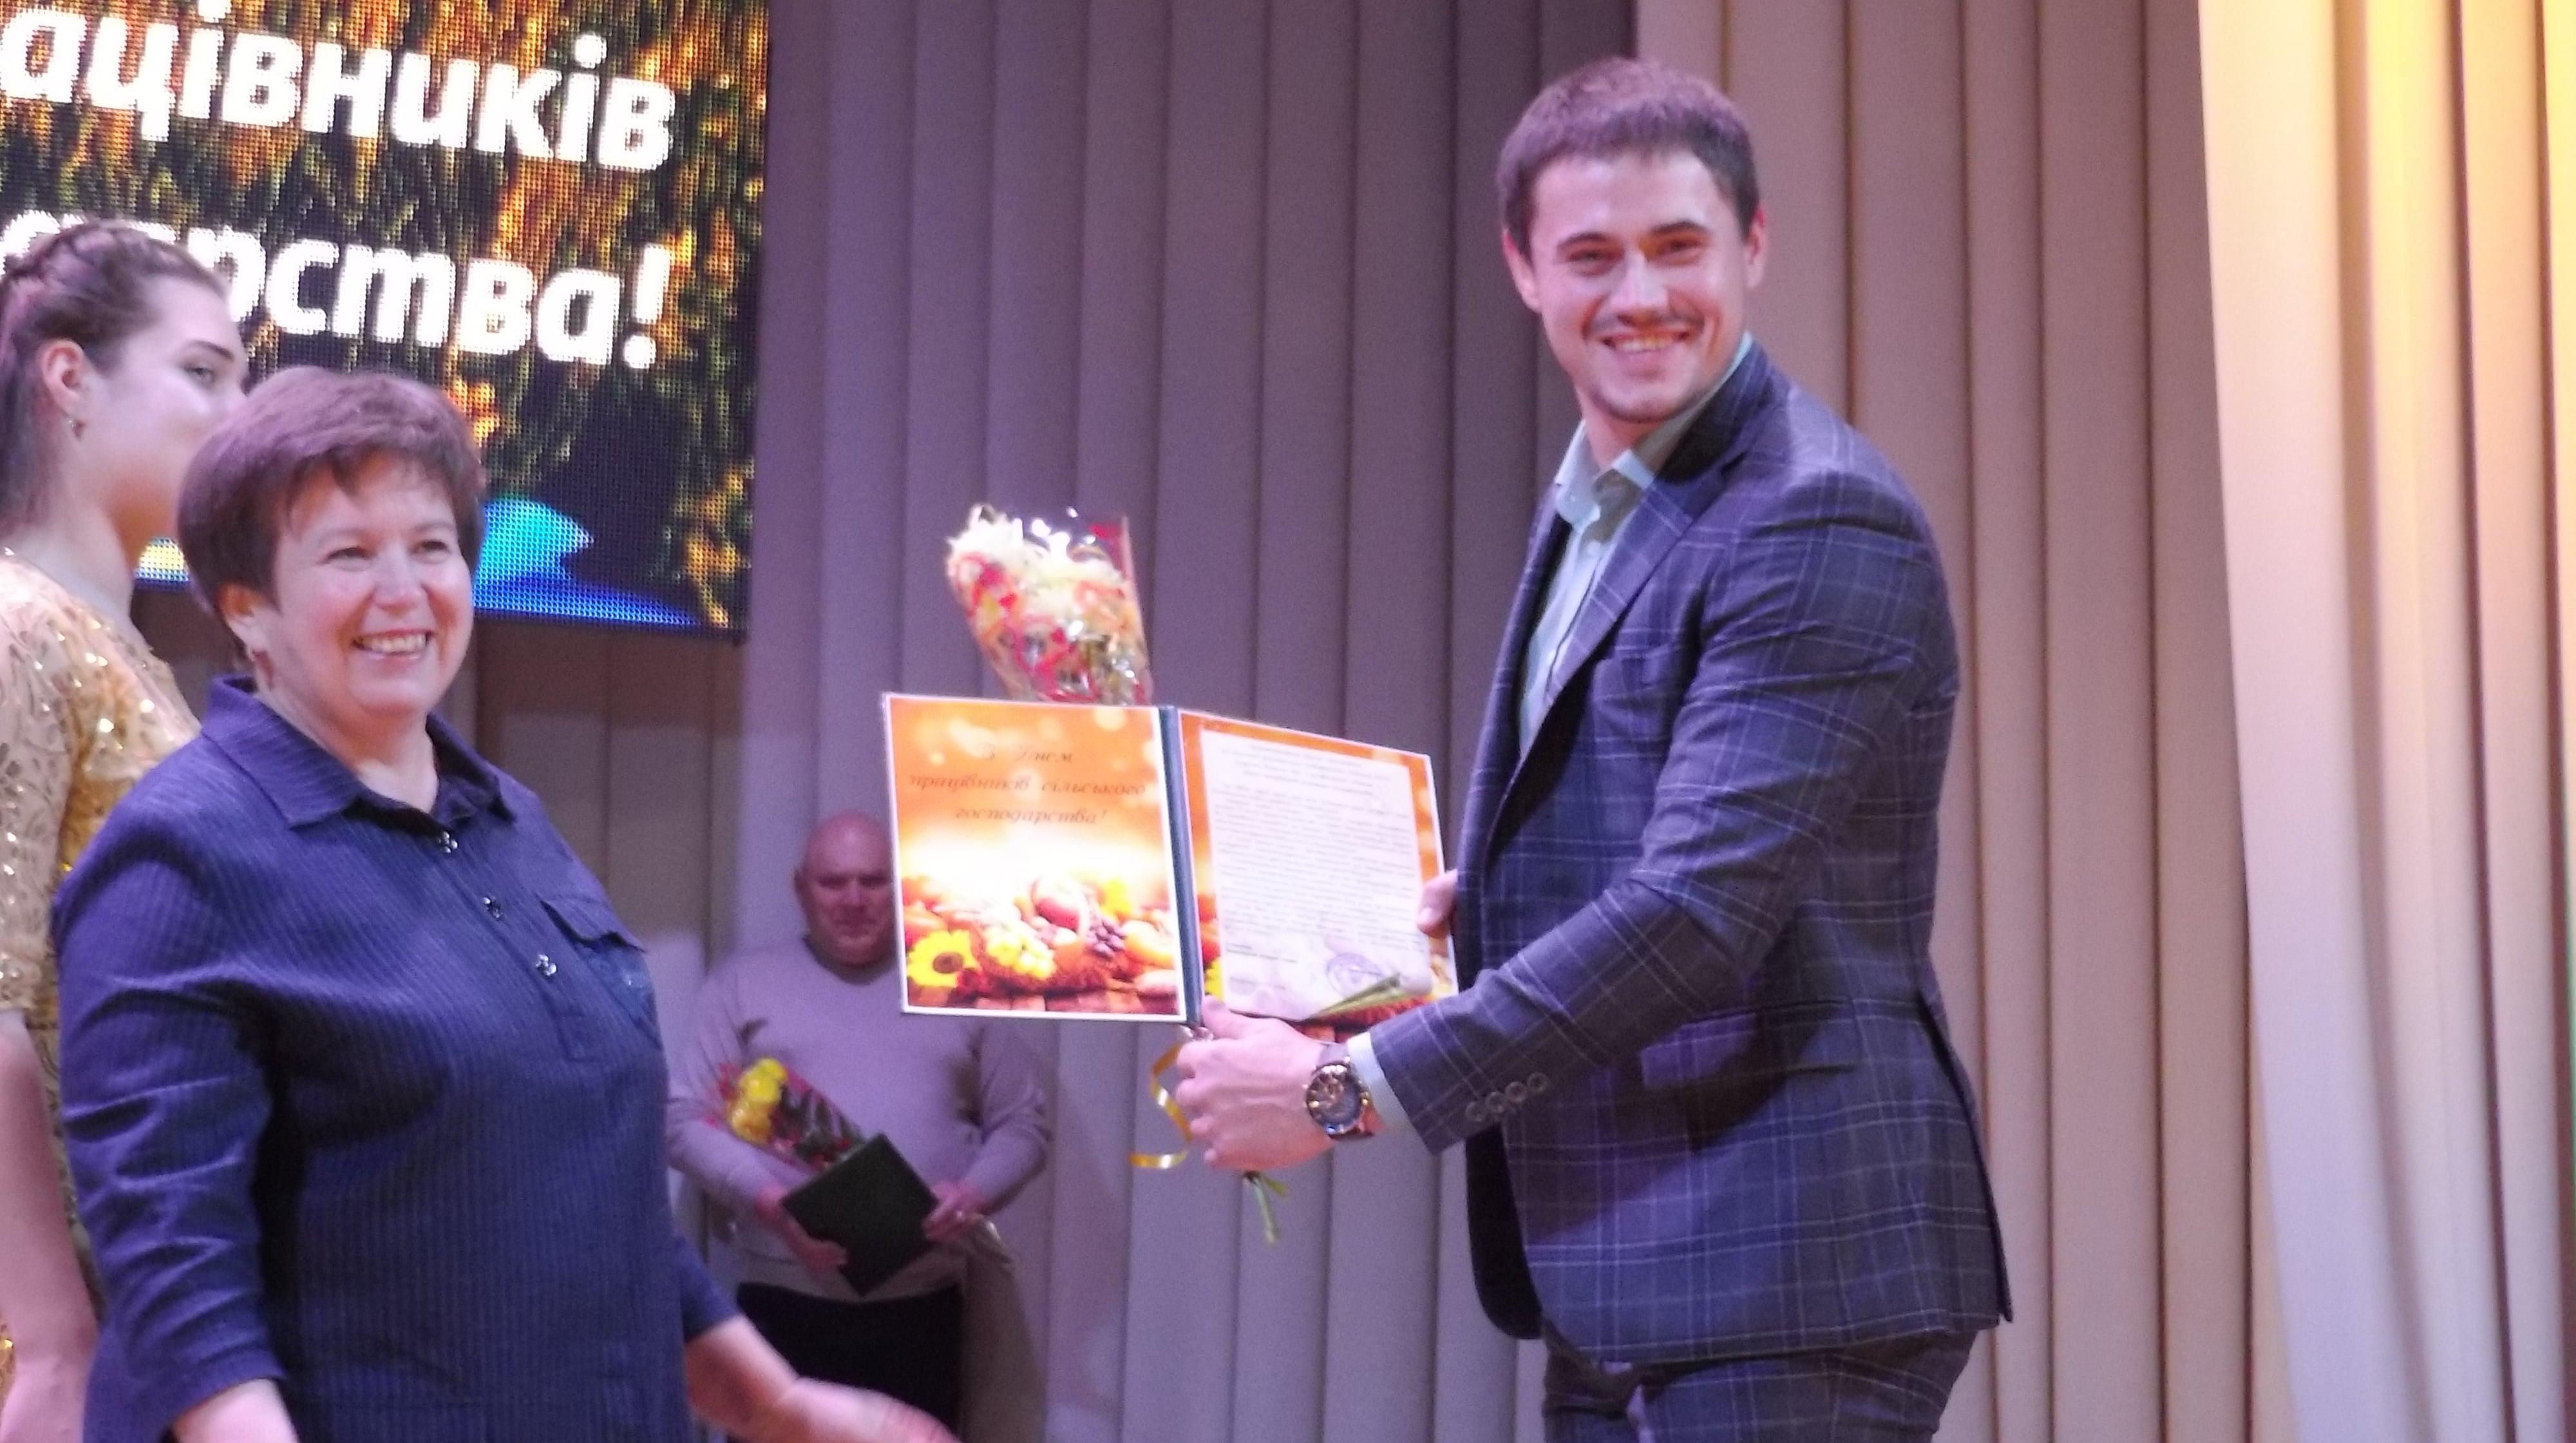 З нагоди відзначення Дня працівників сільського господарства було нагороджено та висловлено подяку почесним працівникам області